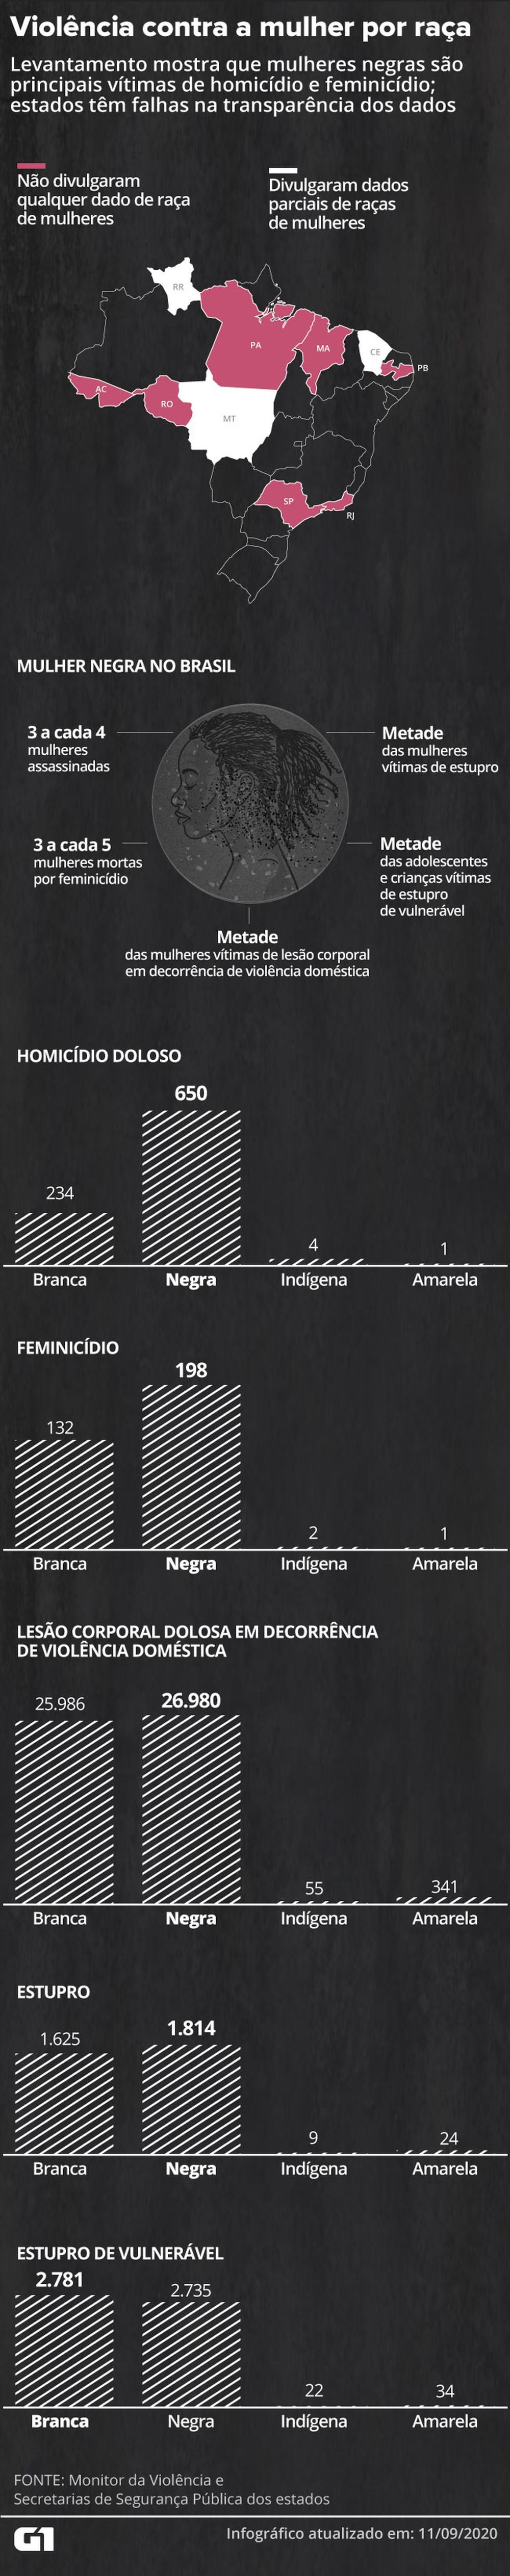 Mulheres negras são as principais vítimas de assassinatos no Brasil - Foto: Reprodução/G1